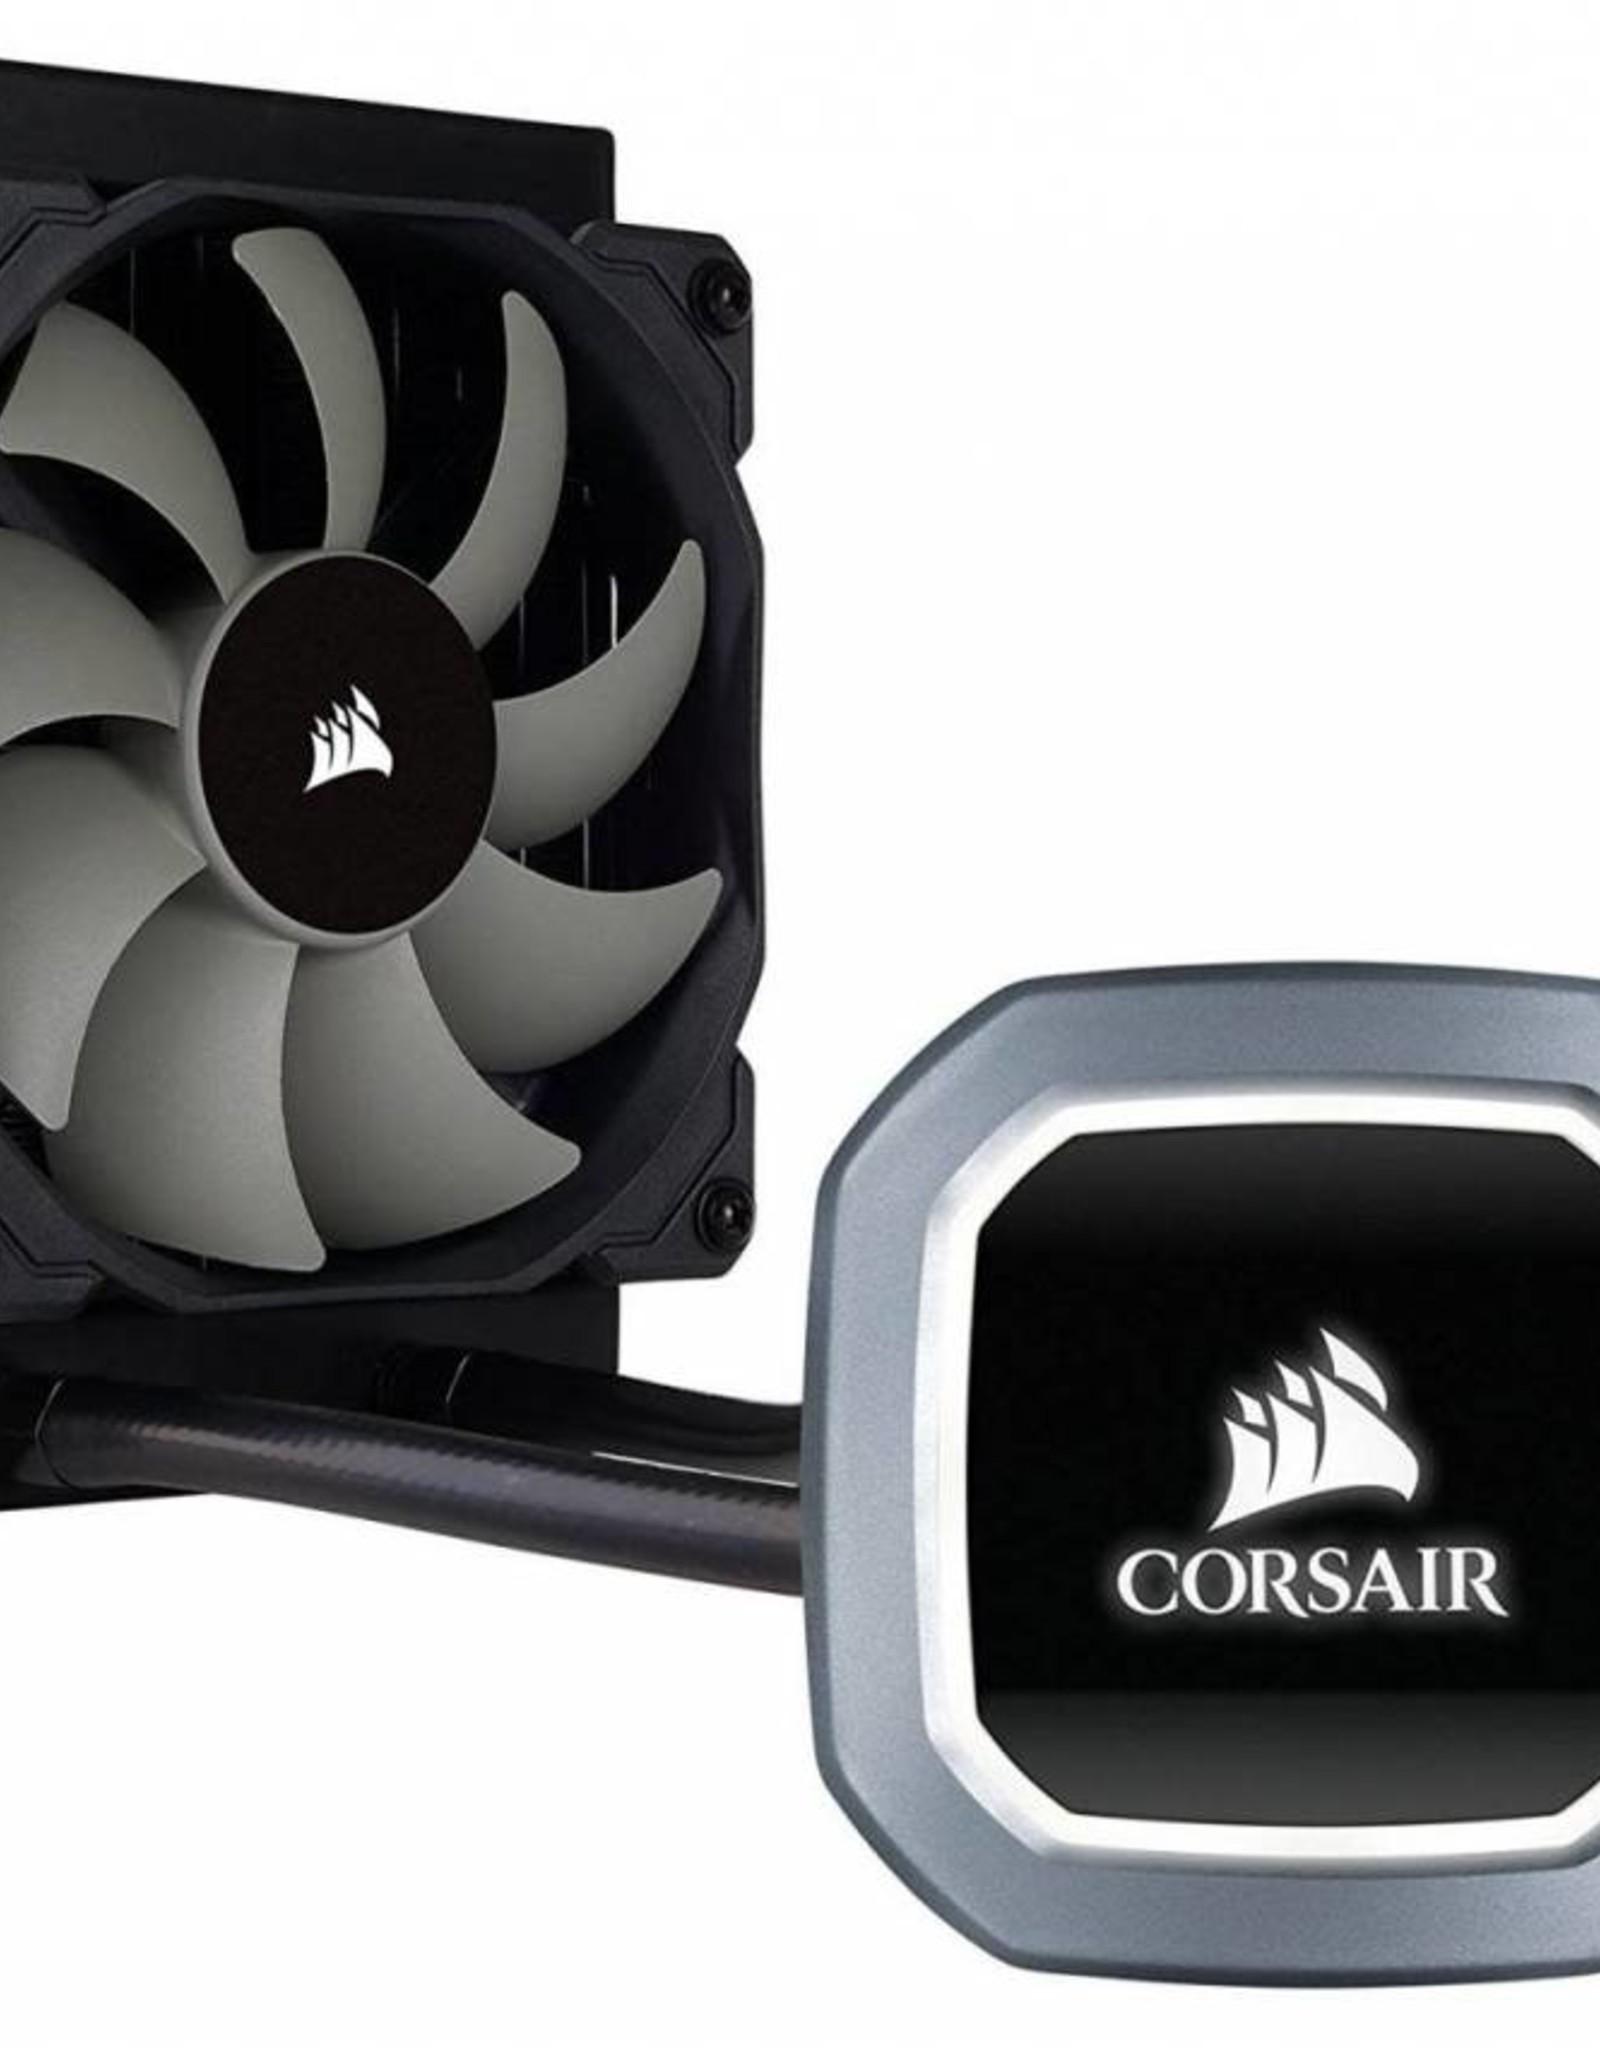 Corsair Corsair Hydro Series H60 (2018) 120mm Liquid CPU Cooler - CW-9060036-WW